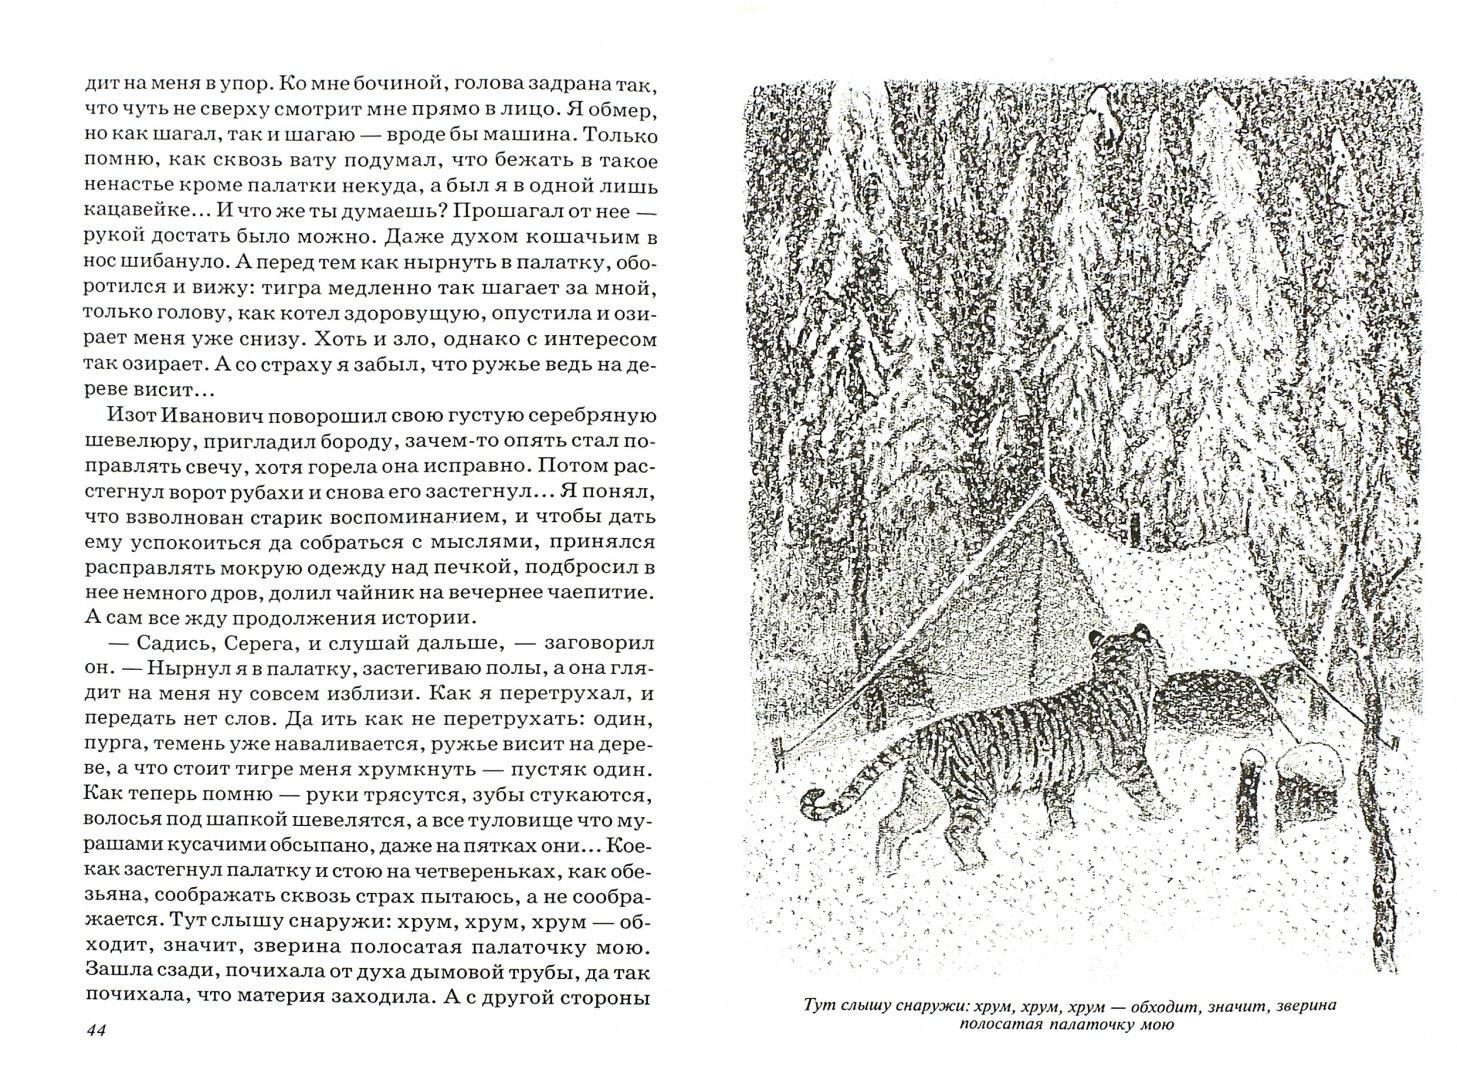 Иллюстрация 1 из 25 для Встречи с амурским тигром - Сергей Кучеренко   Лабиринт - книги. Источник: Лабиринт